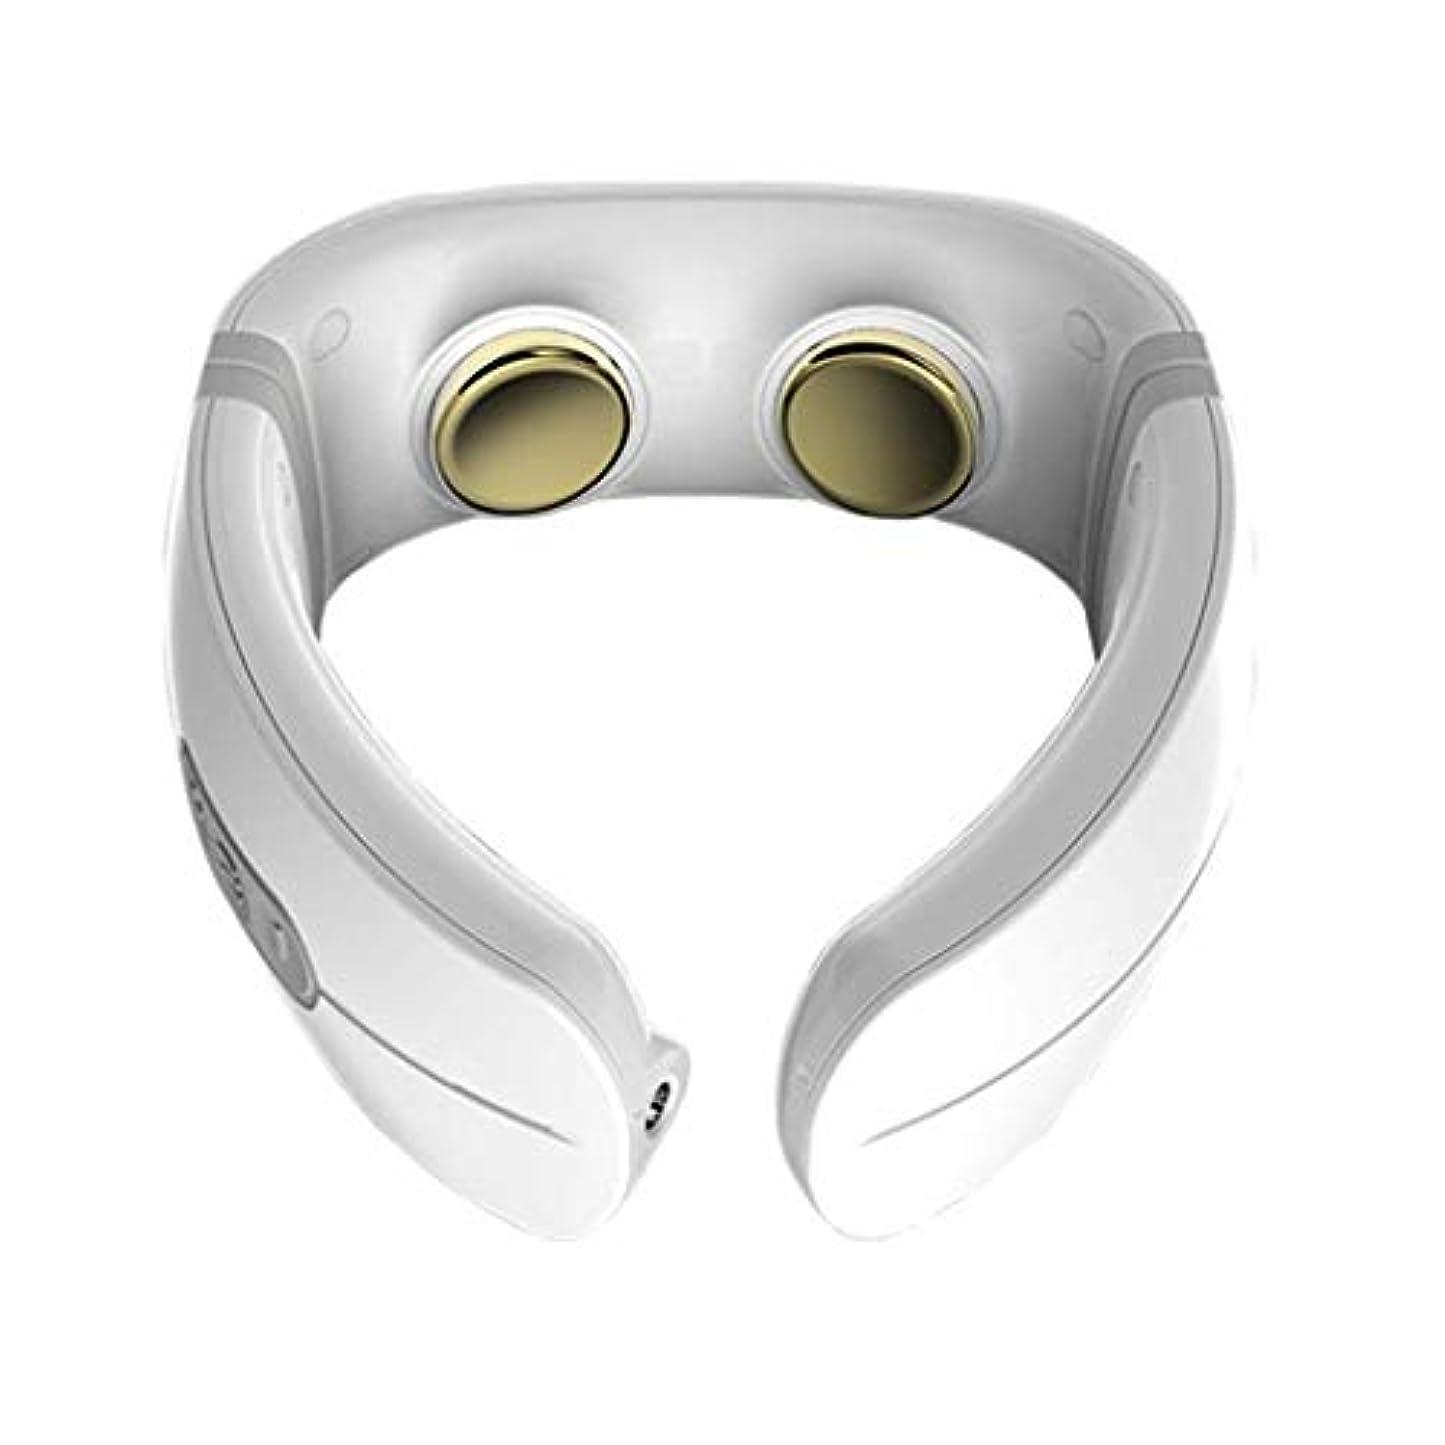 マウス漏斗回る肩と首のマッサージャー、ポータブルマッサージャー、電気刺激加熱設定、指圧振動深練り、筋肉の弛緩、痛みの緩和、オフィスファミリーカー旅行に使用